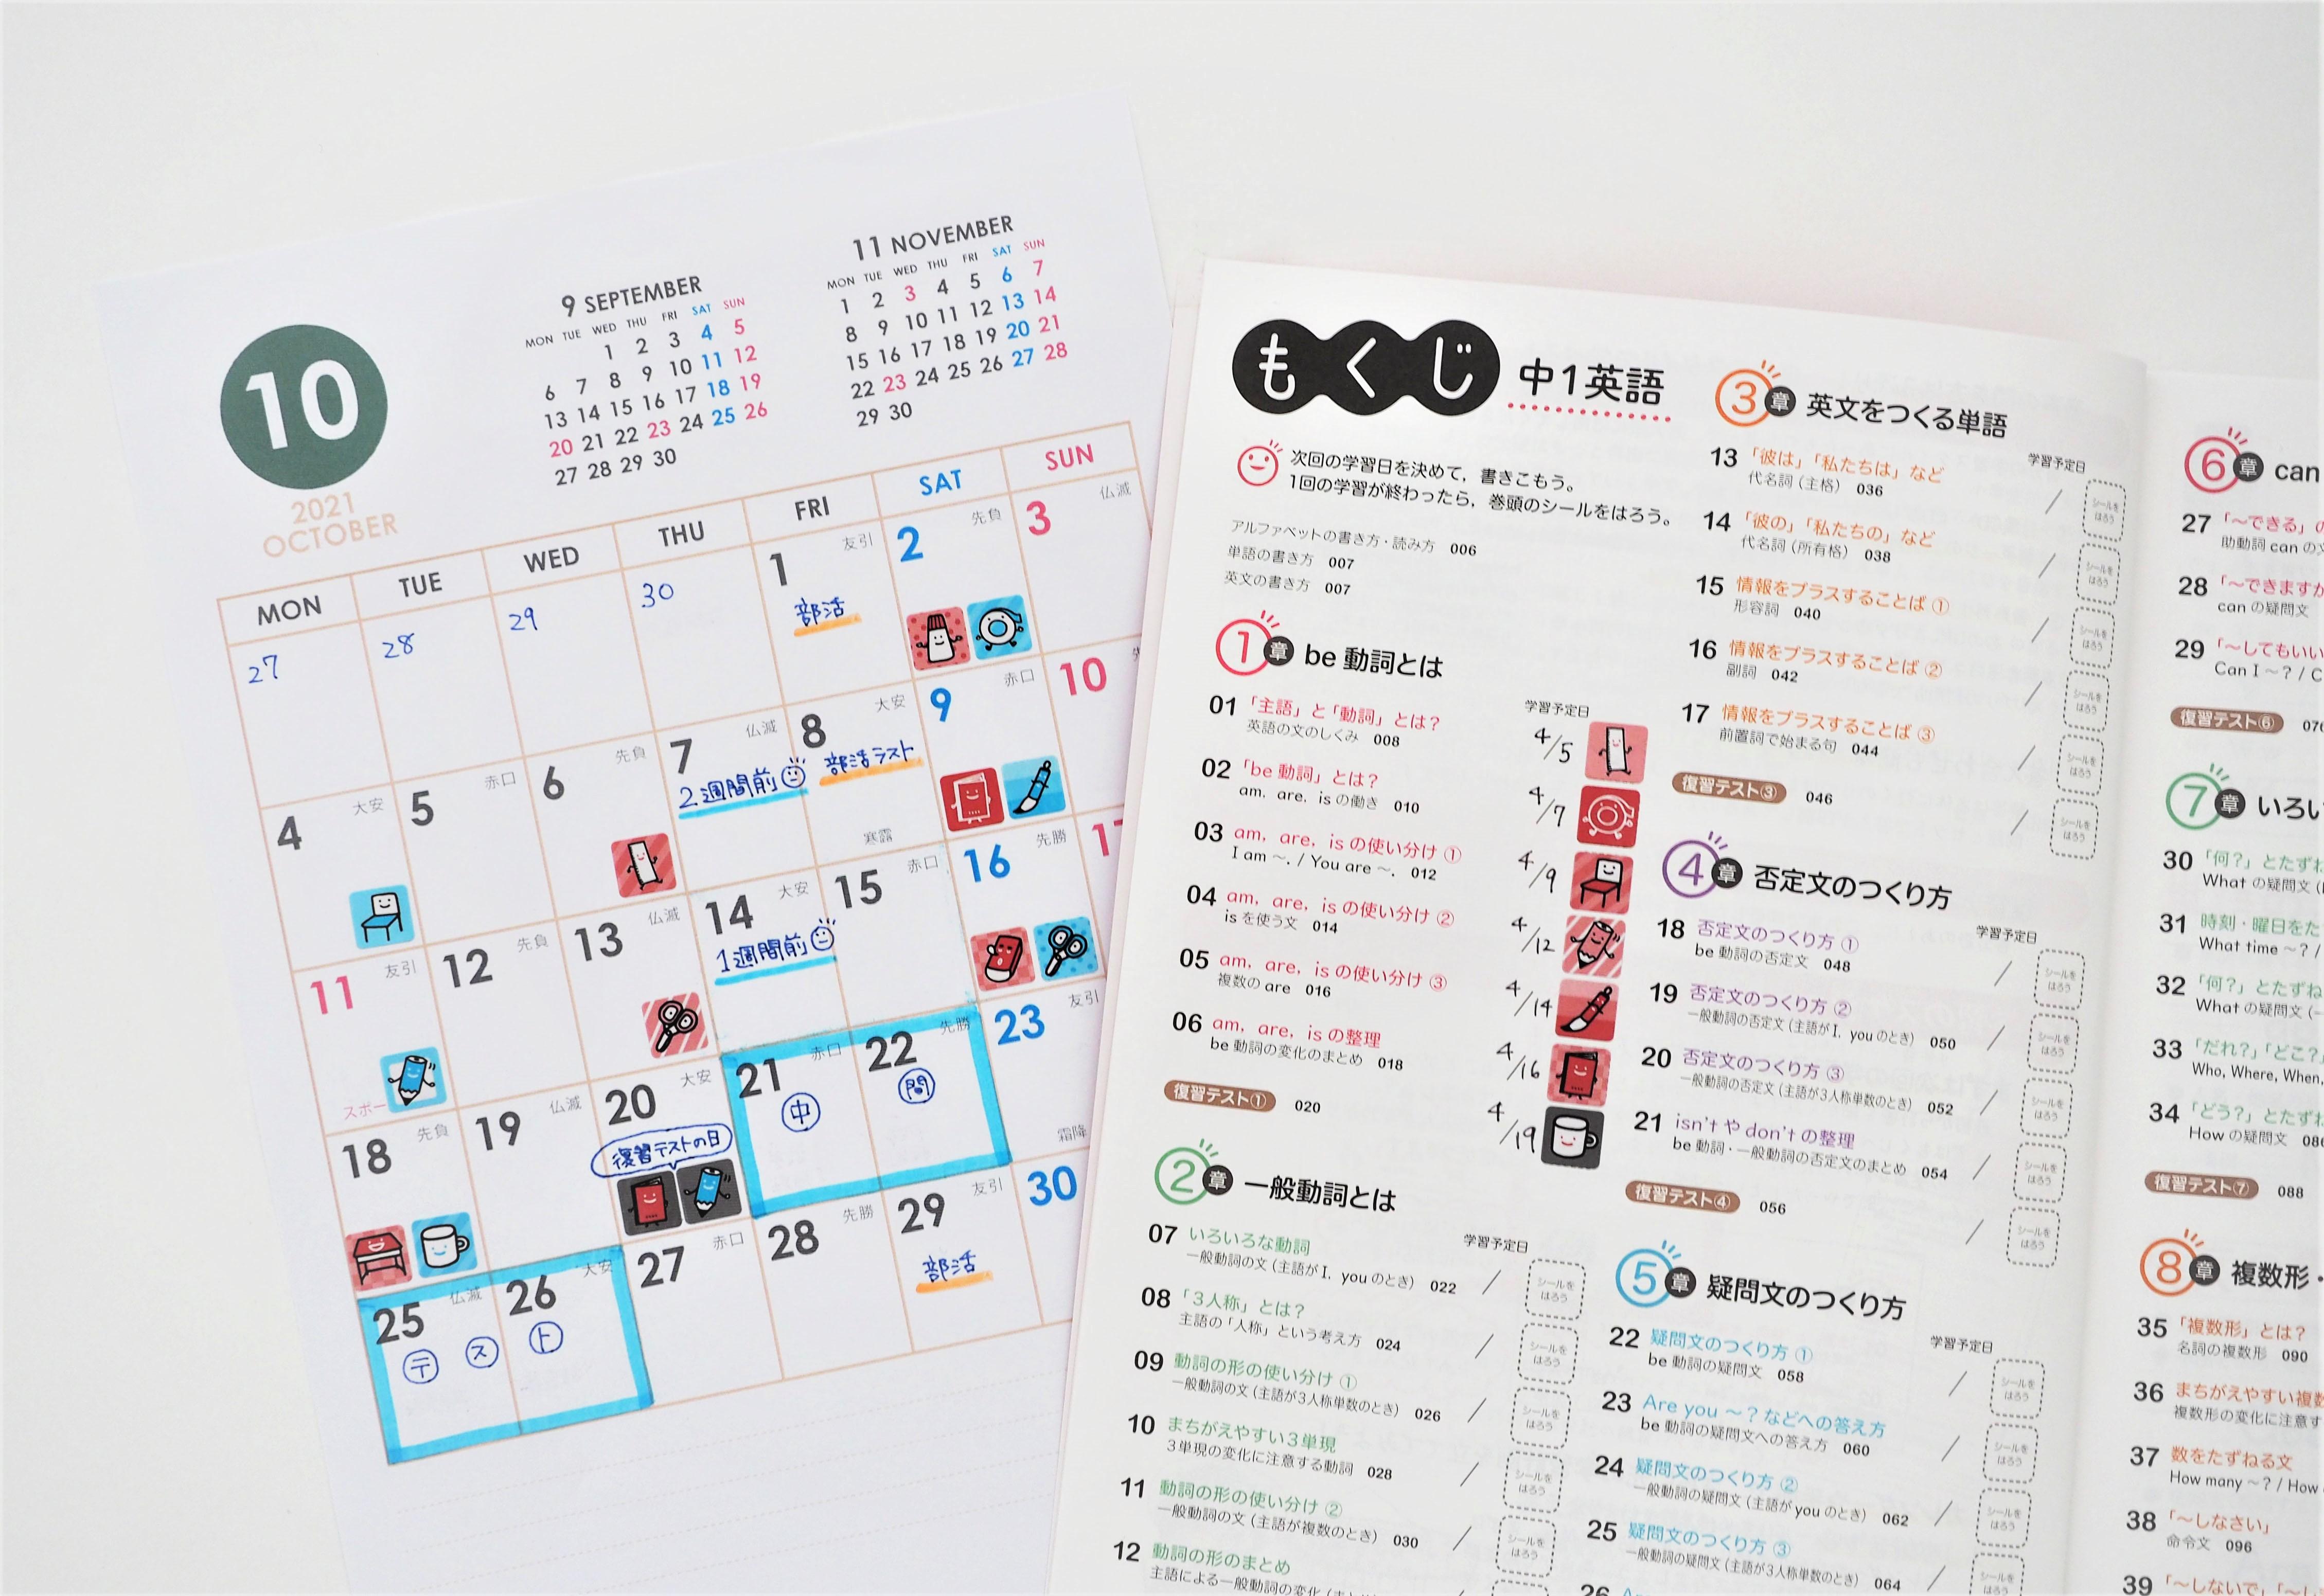 「目次に貼るだけでなく、おうちのカレンダーに貼るのもおすすめ」画像